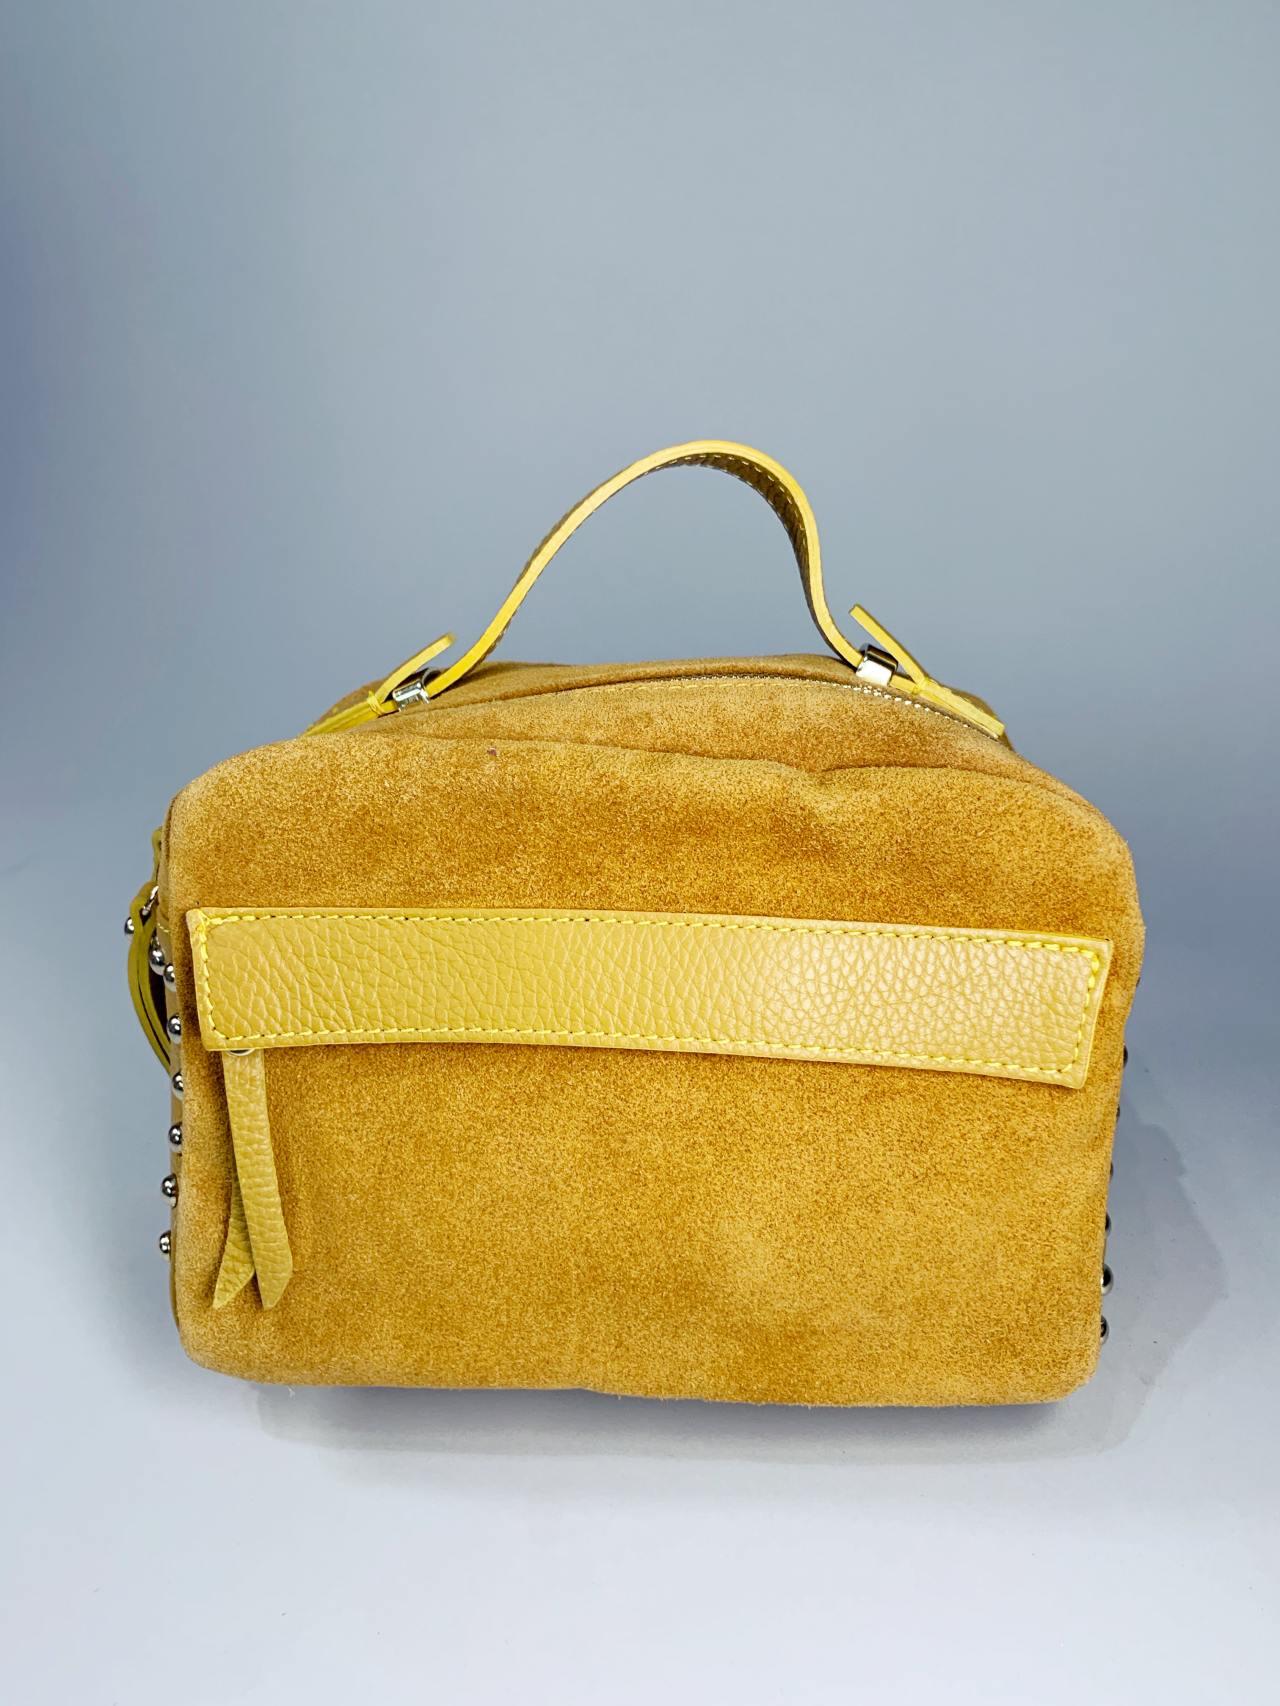 Kožená kabelka Saly žlutá -01